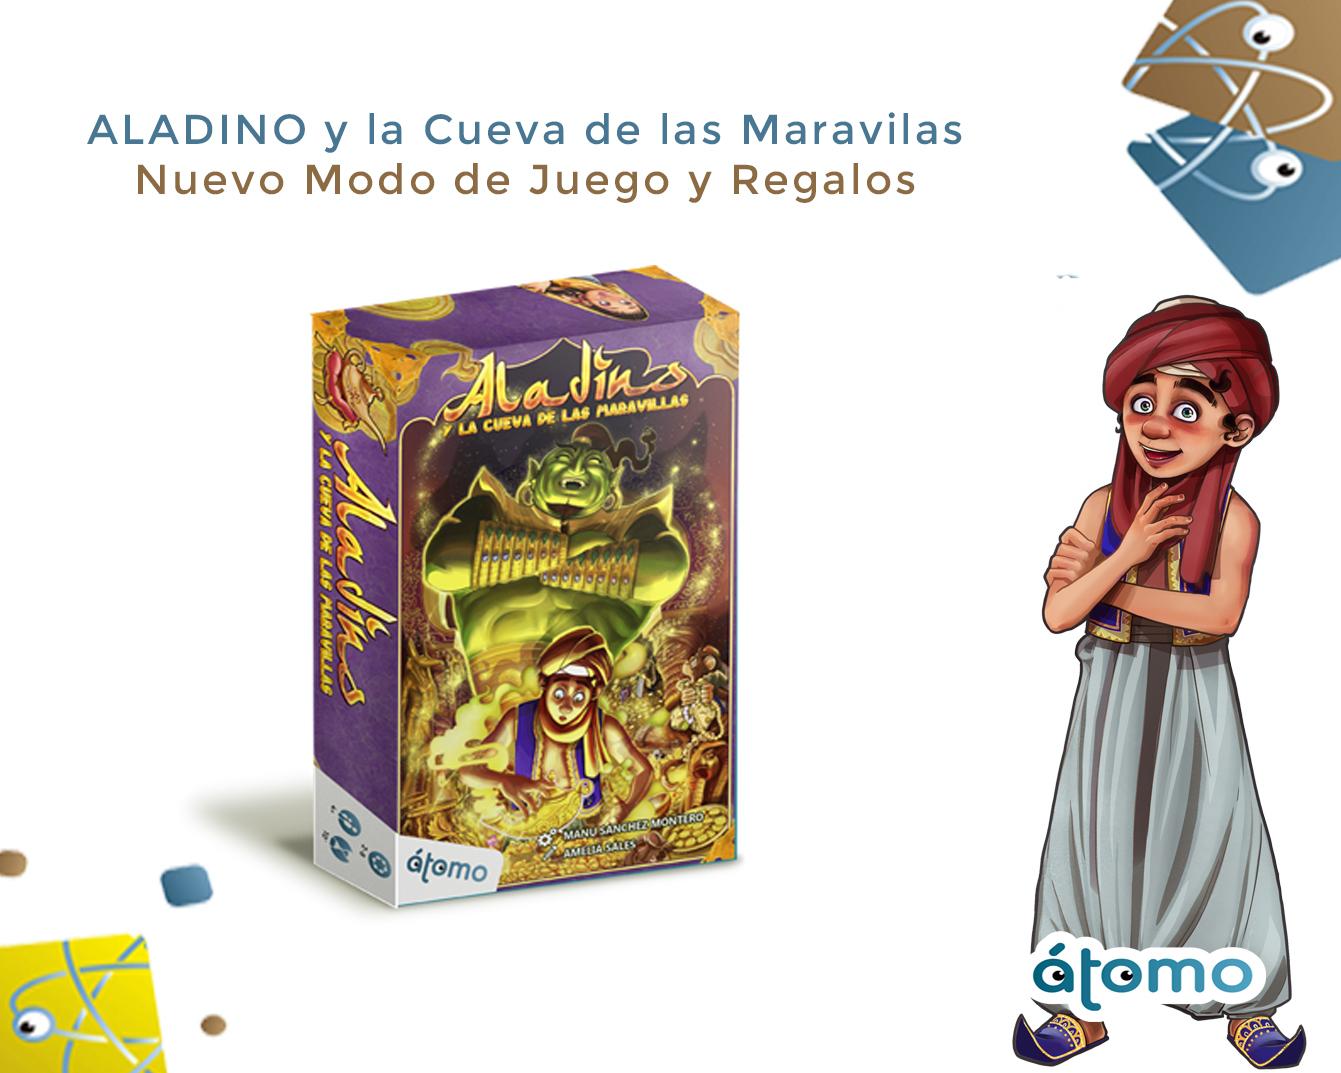 Aladino: nuevo modo de juego y regalos